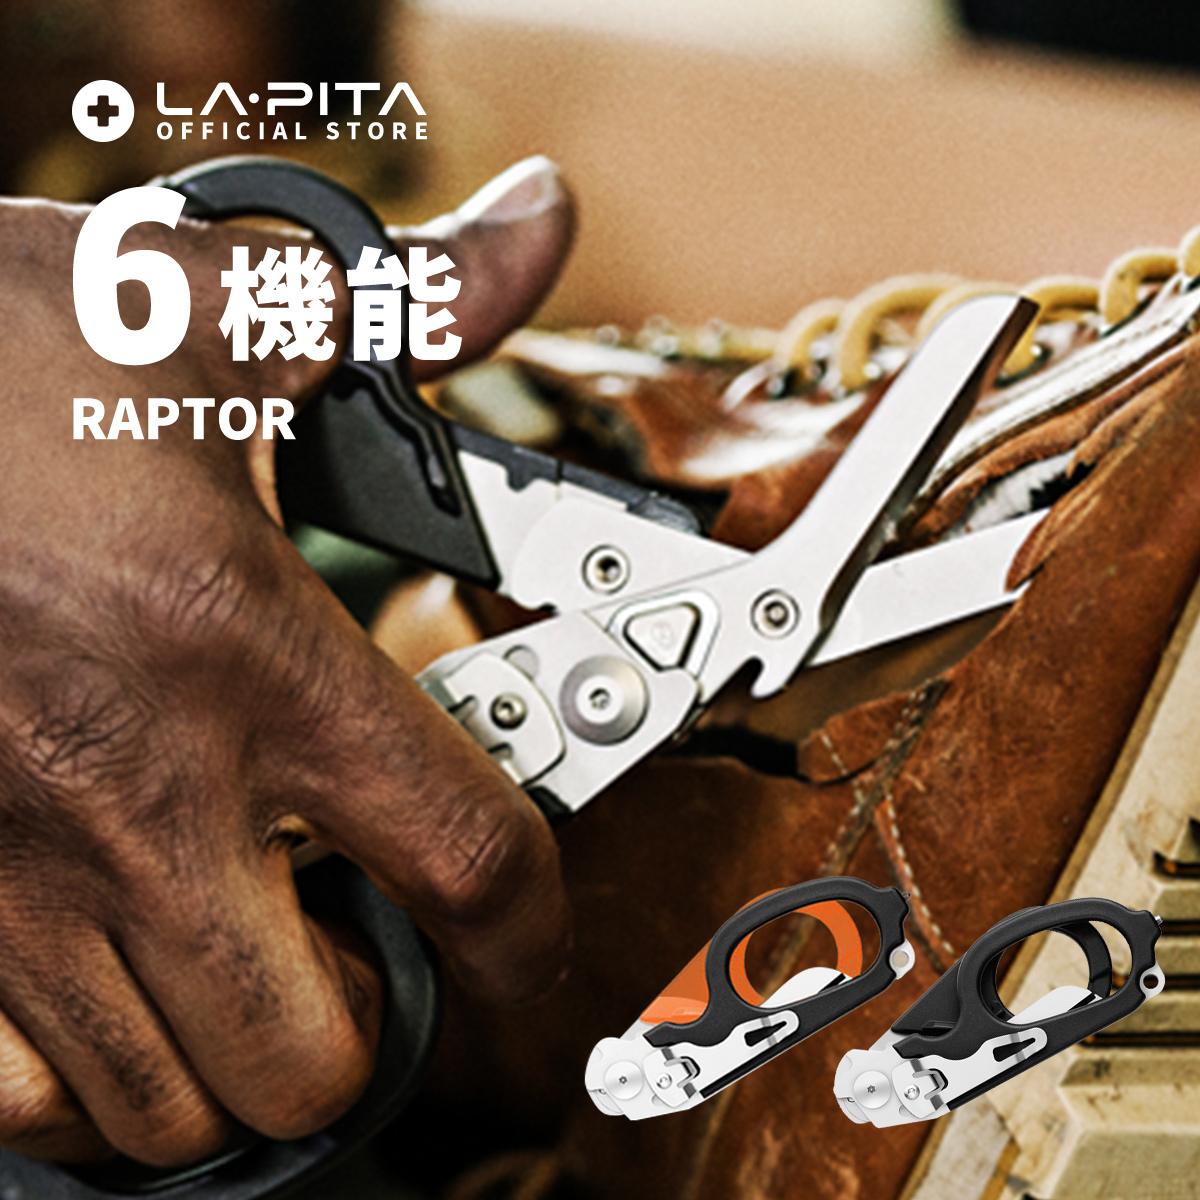 【国内正規25年保証 LTJマーク付】LEATHERMAN Raptor【納期90~120日】ブラック/オレンジ